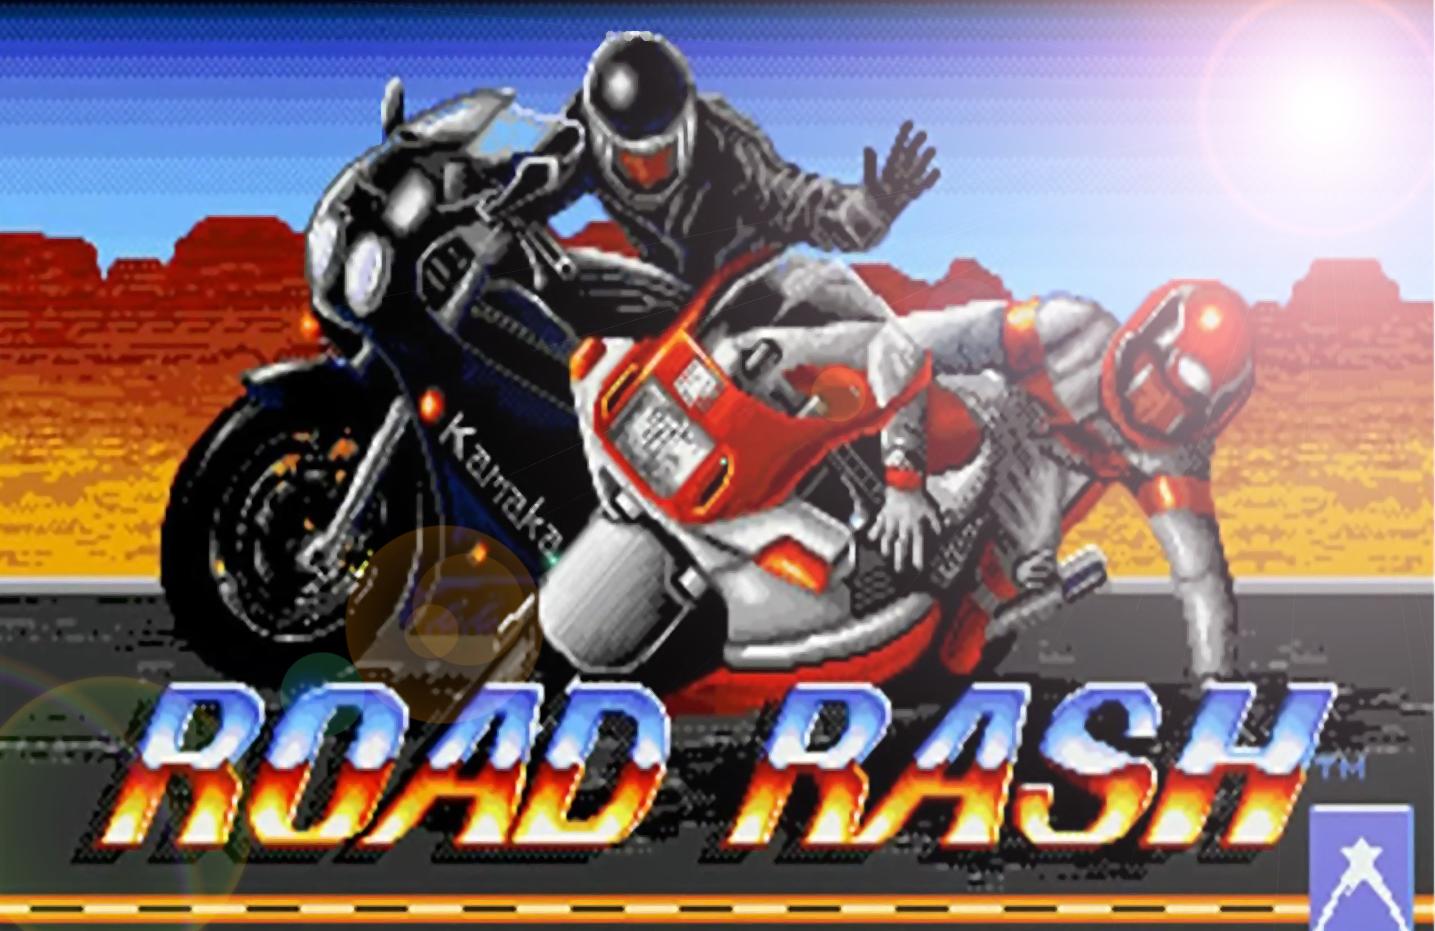 Image result for Road rash